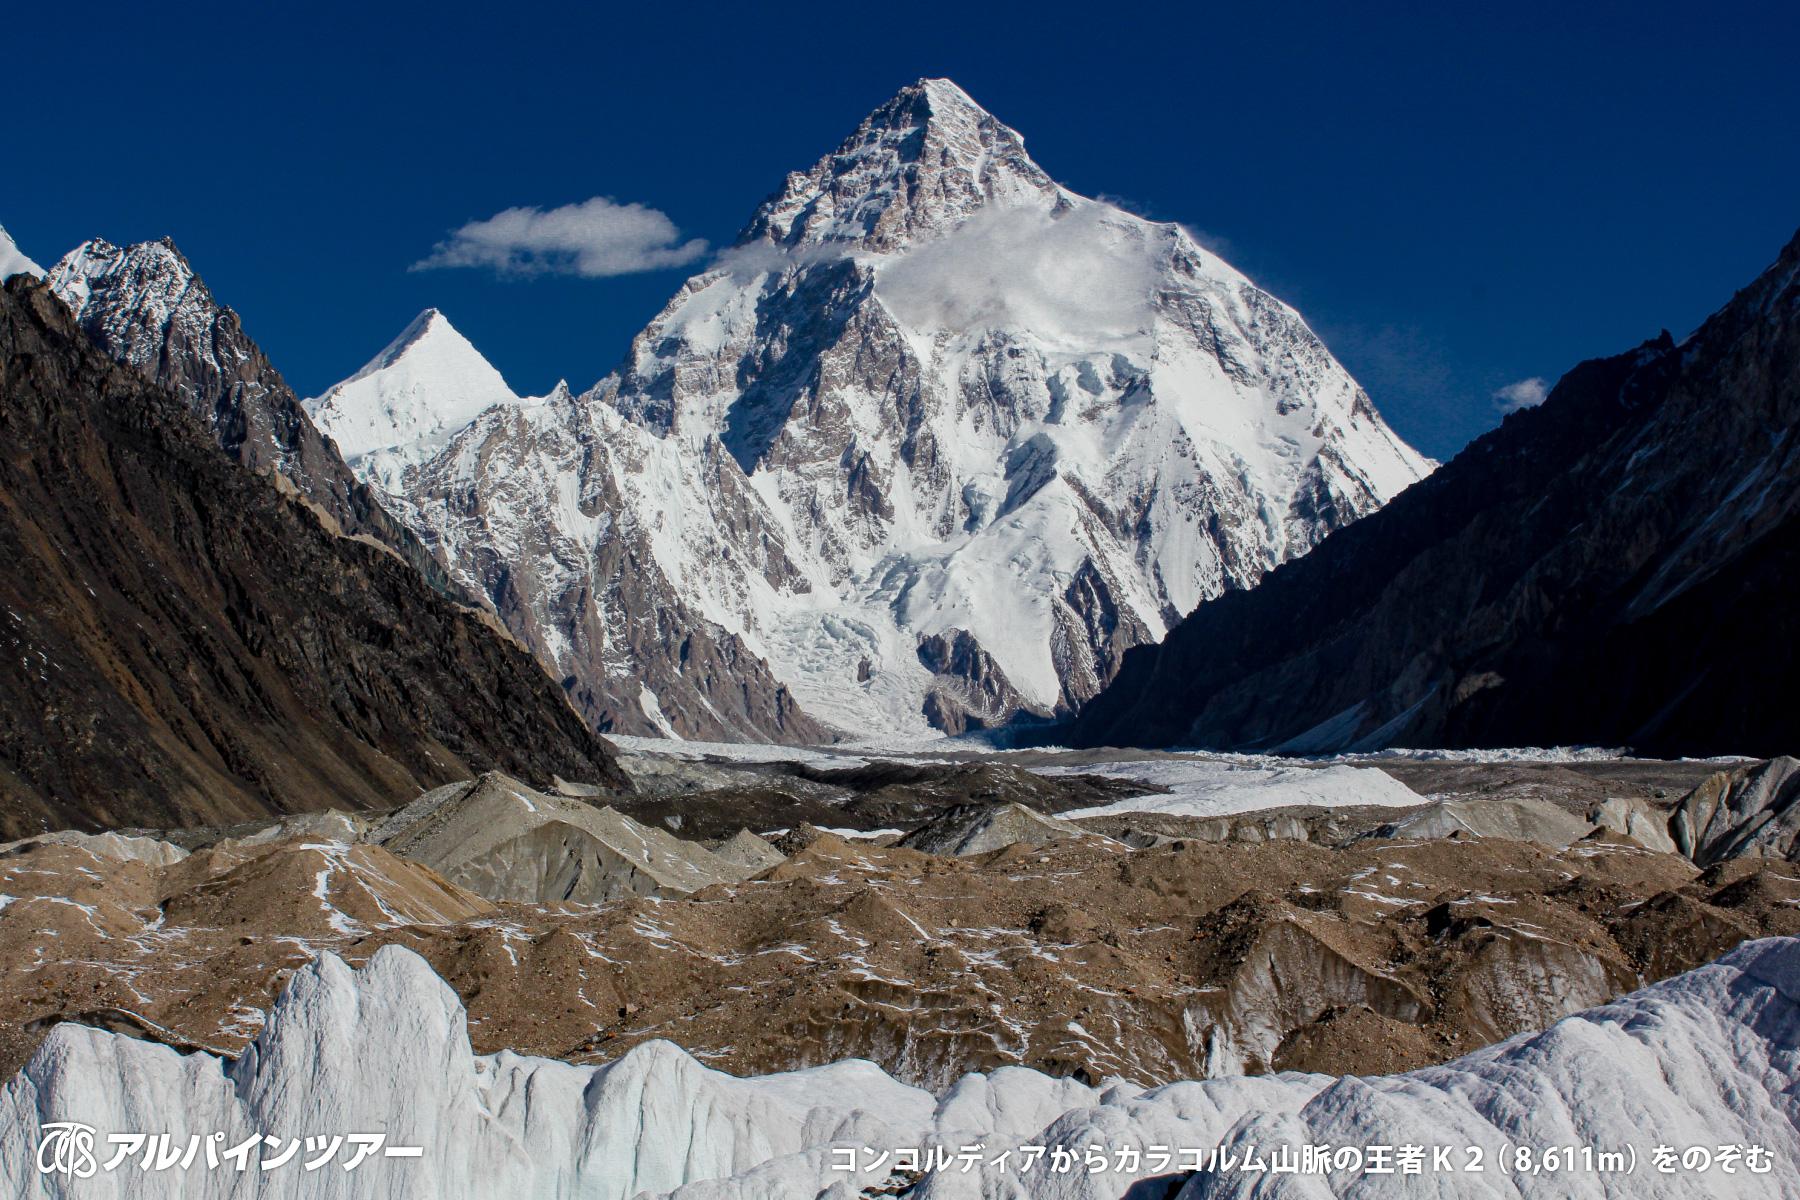 【エリア紹介】 K2・バルトロ氷河